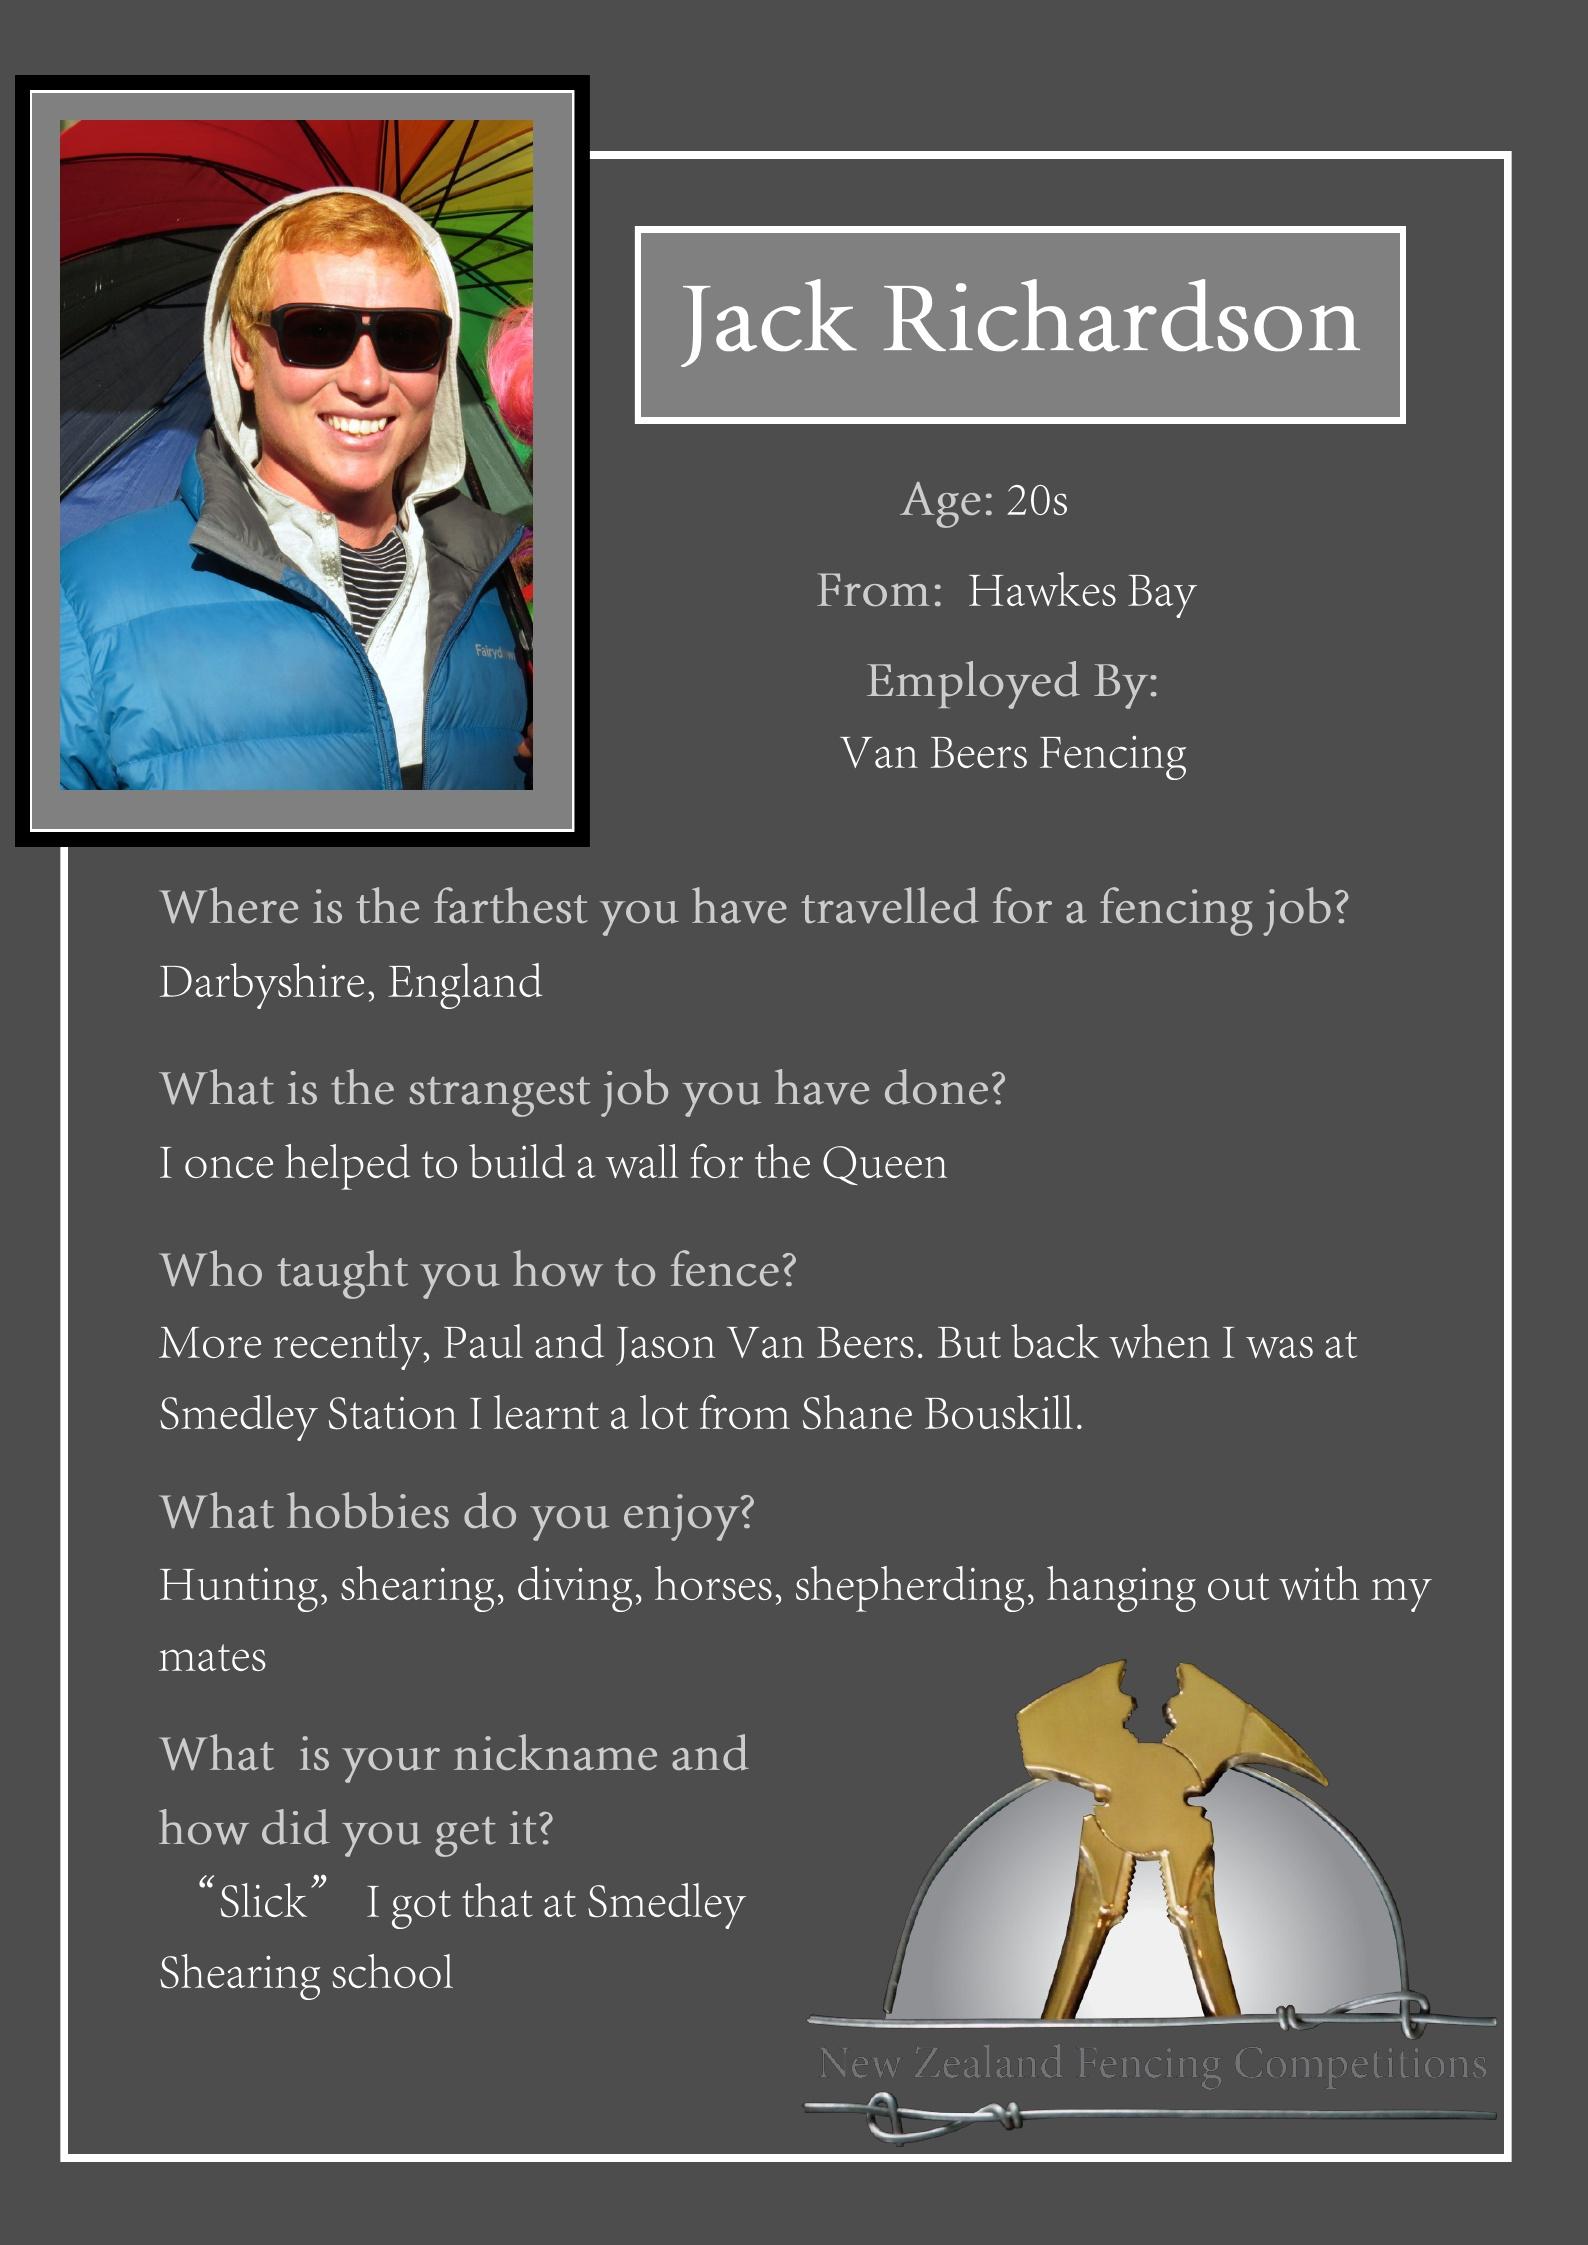 Jack Richardson